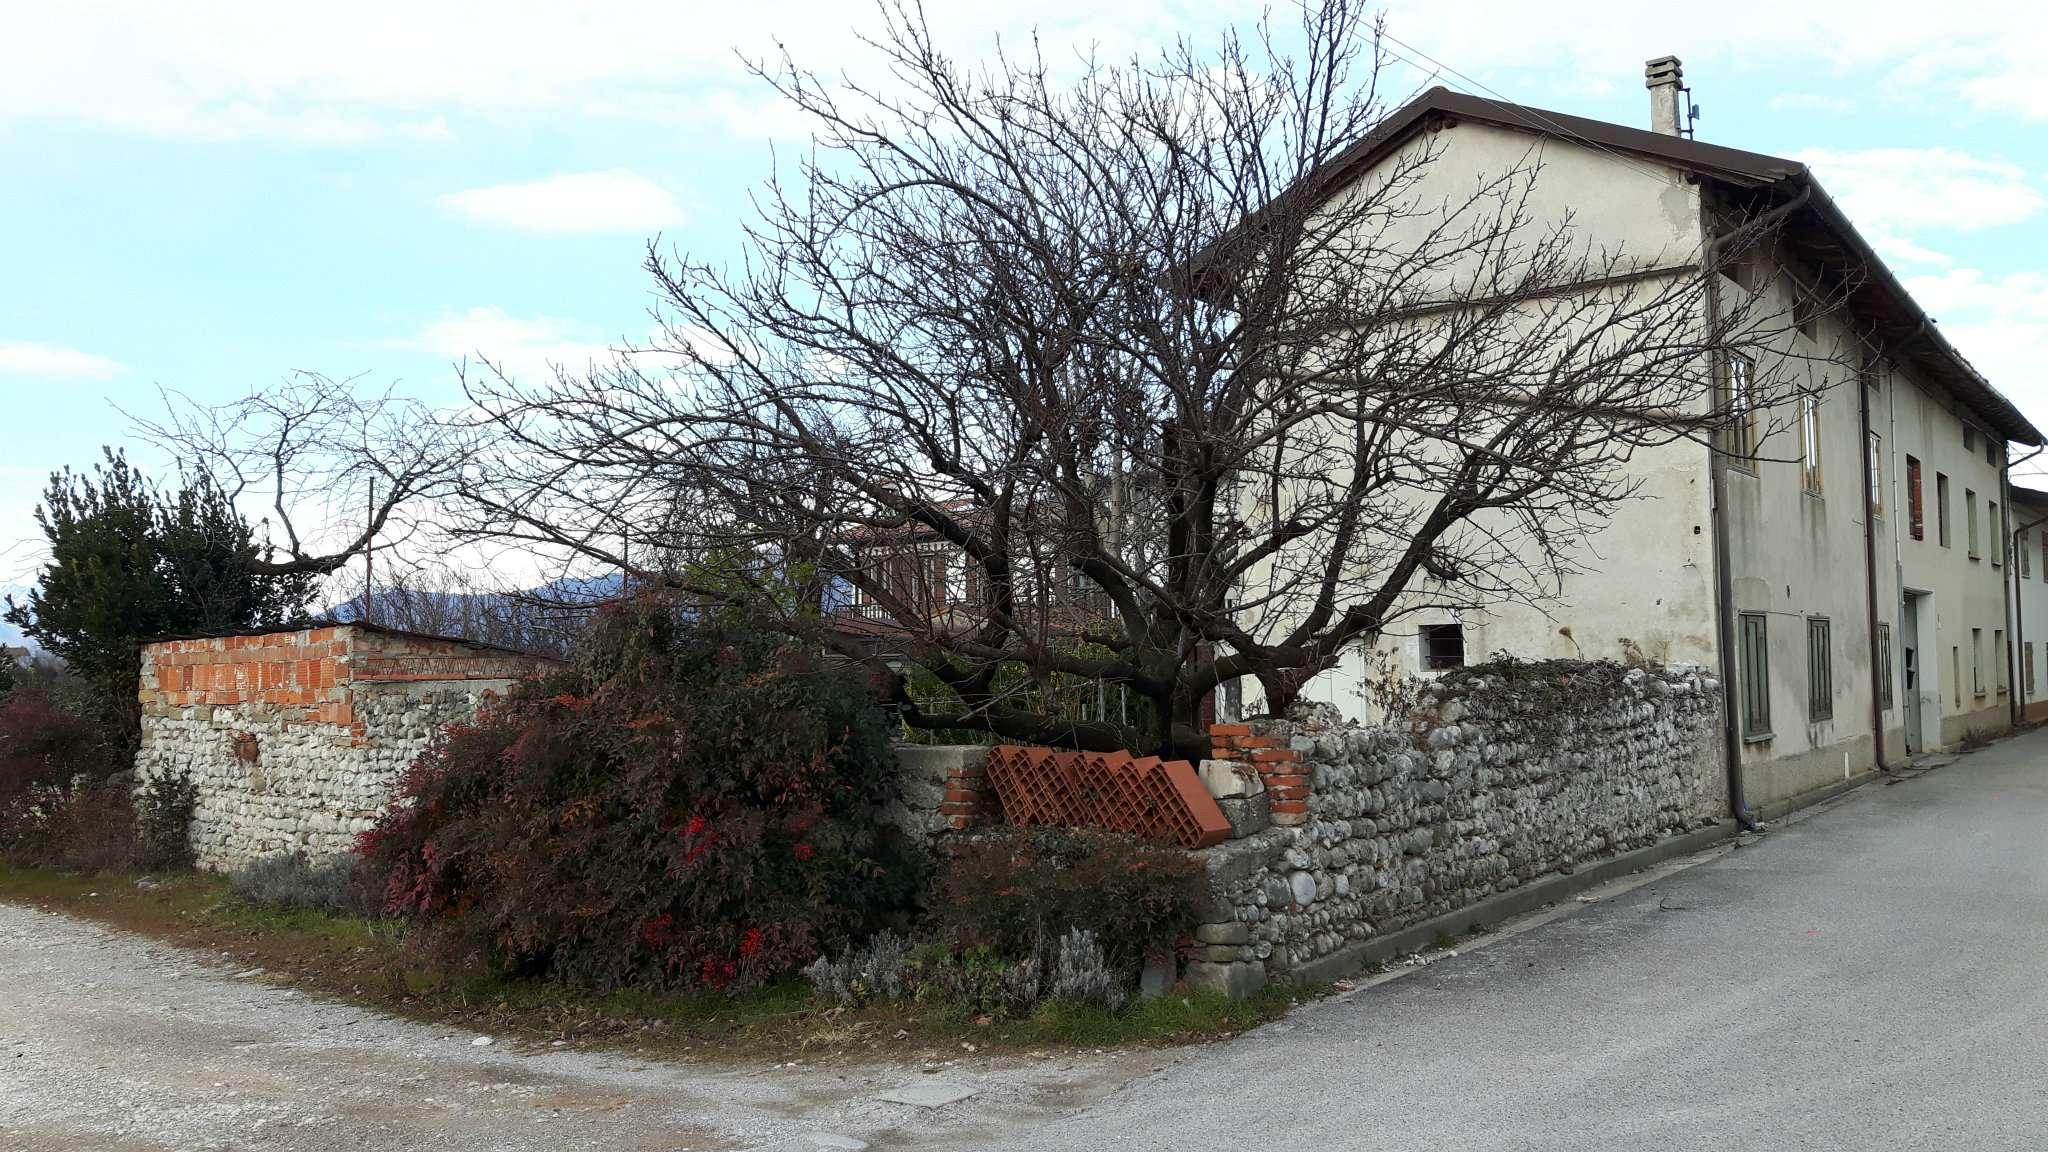 Soluzione Indipendente in vendita a Cividale del Friuli, 5 locali, prezzo € 130.000 | CambioCasa.it